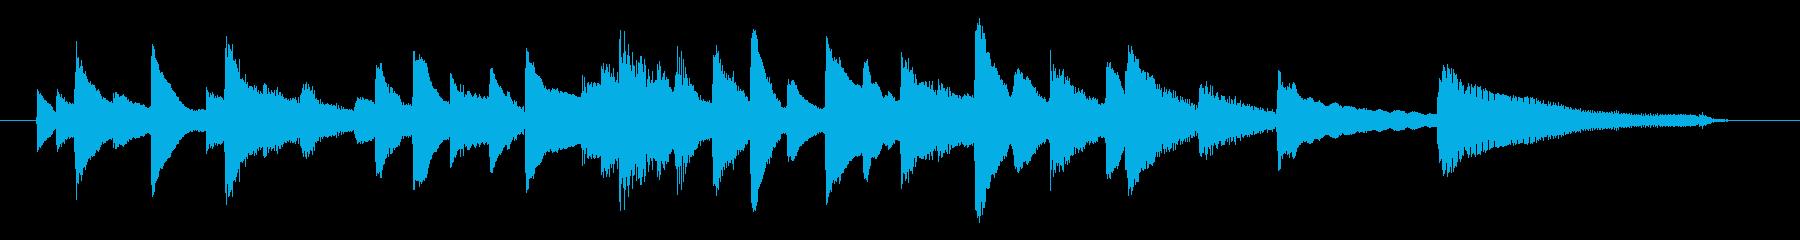 代替案 ポップ 室内楽 クラシック...の再生済みの波形